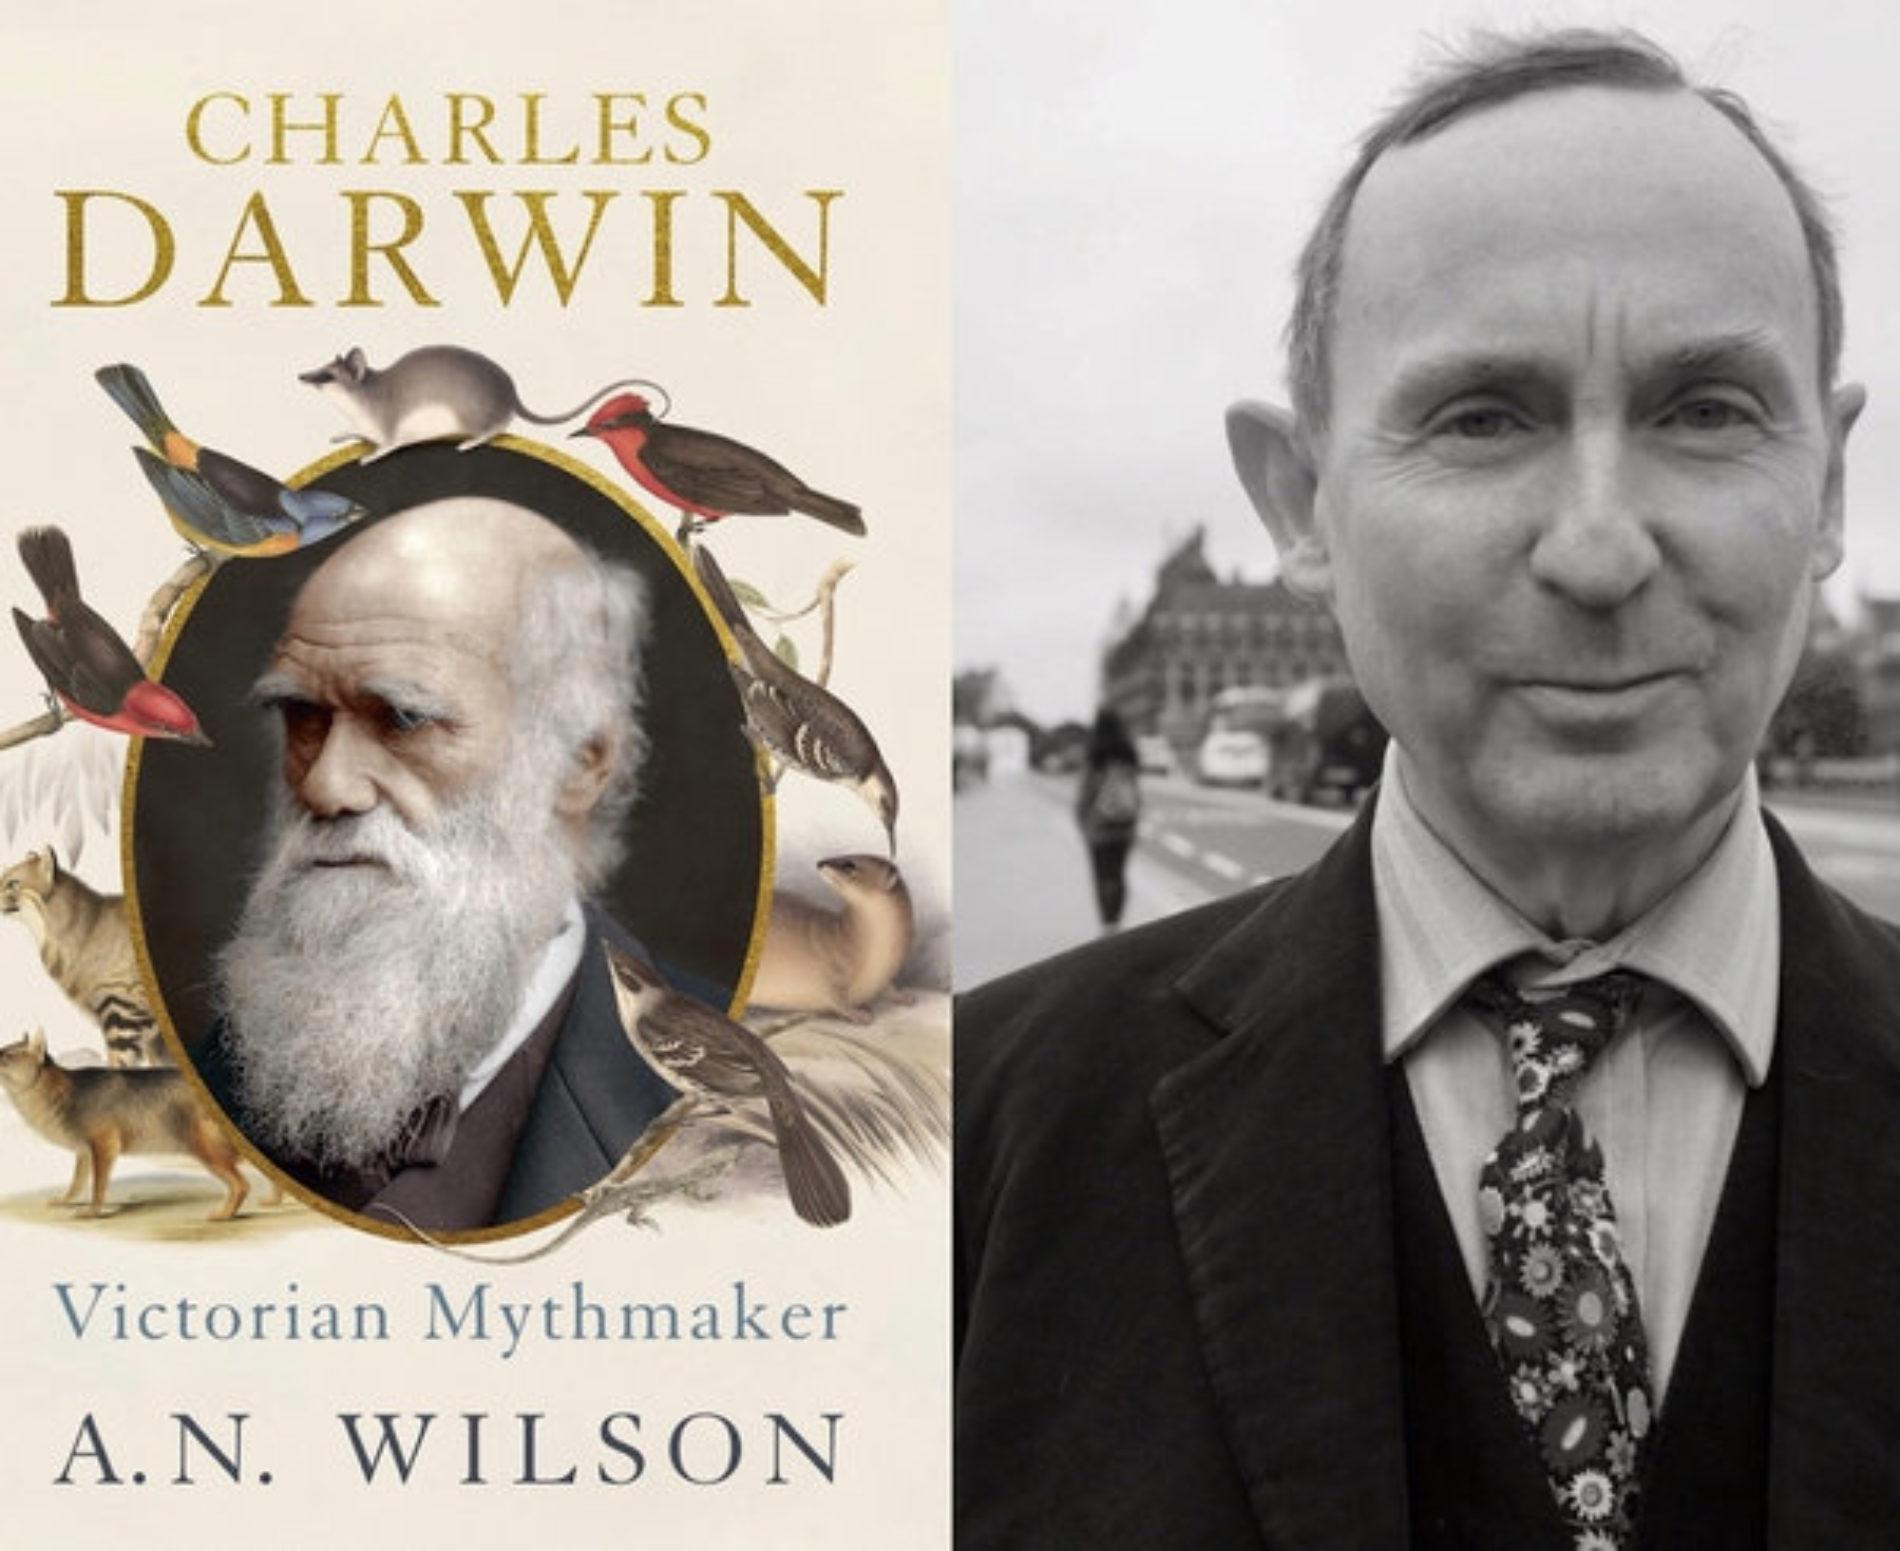 Novo livro volta a pôr em dúvida a teoria da evolução de Darwin